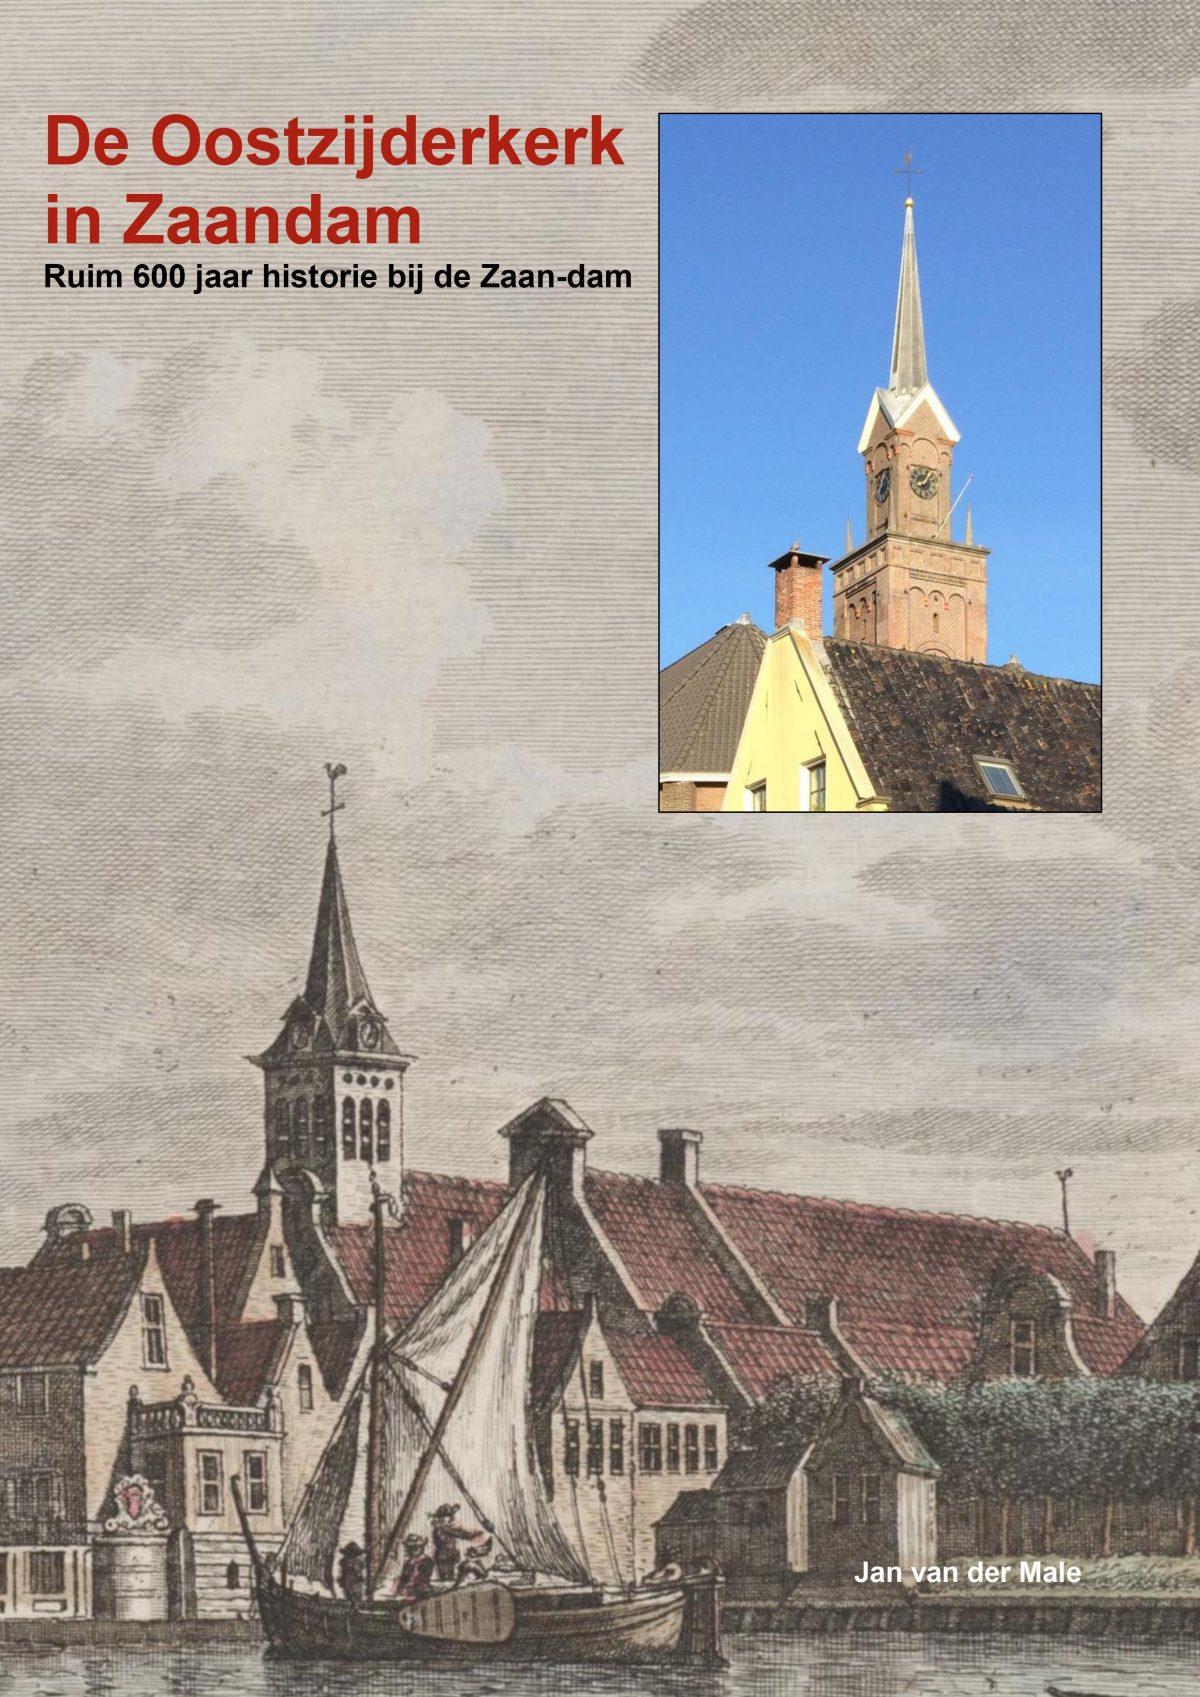 De Oostzijderkerk in Zaandam